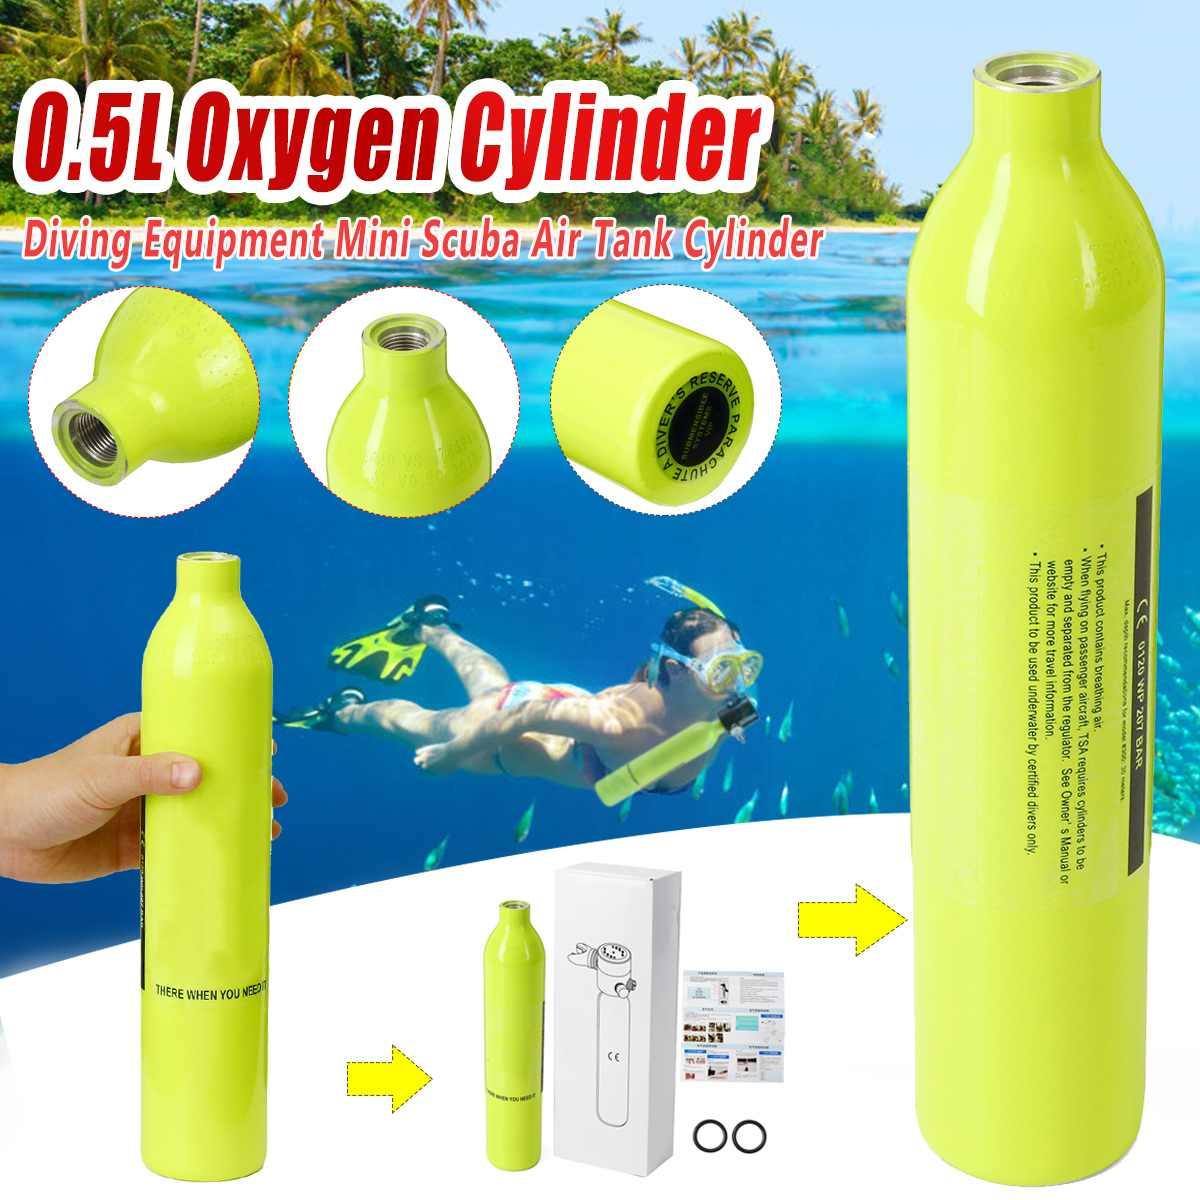 Équipement De plongée 0.5L Mini Plongée Oxygène Réservoirs D'air Soupape De Culasse Embout Buccal Plongée Sous-Marine Appareil Respiratoire